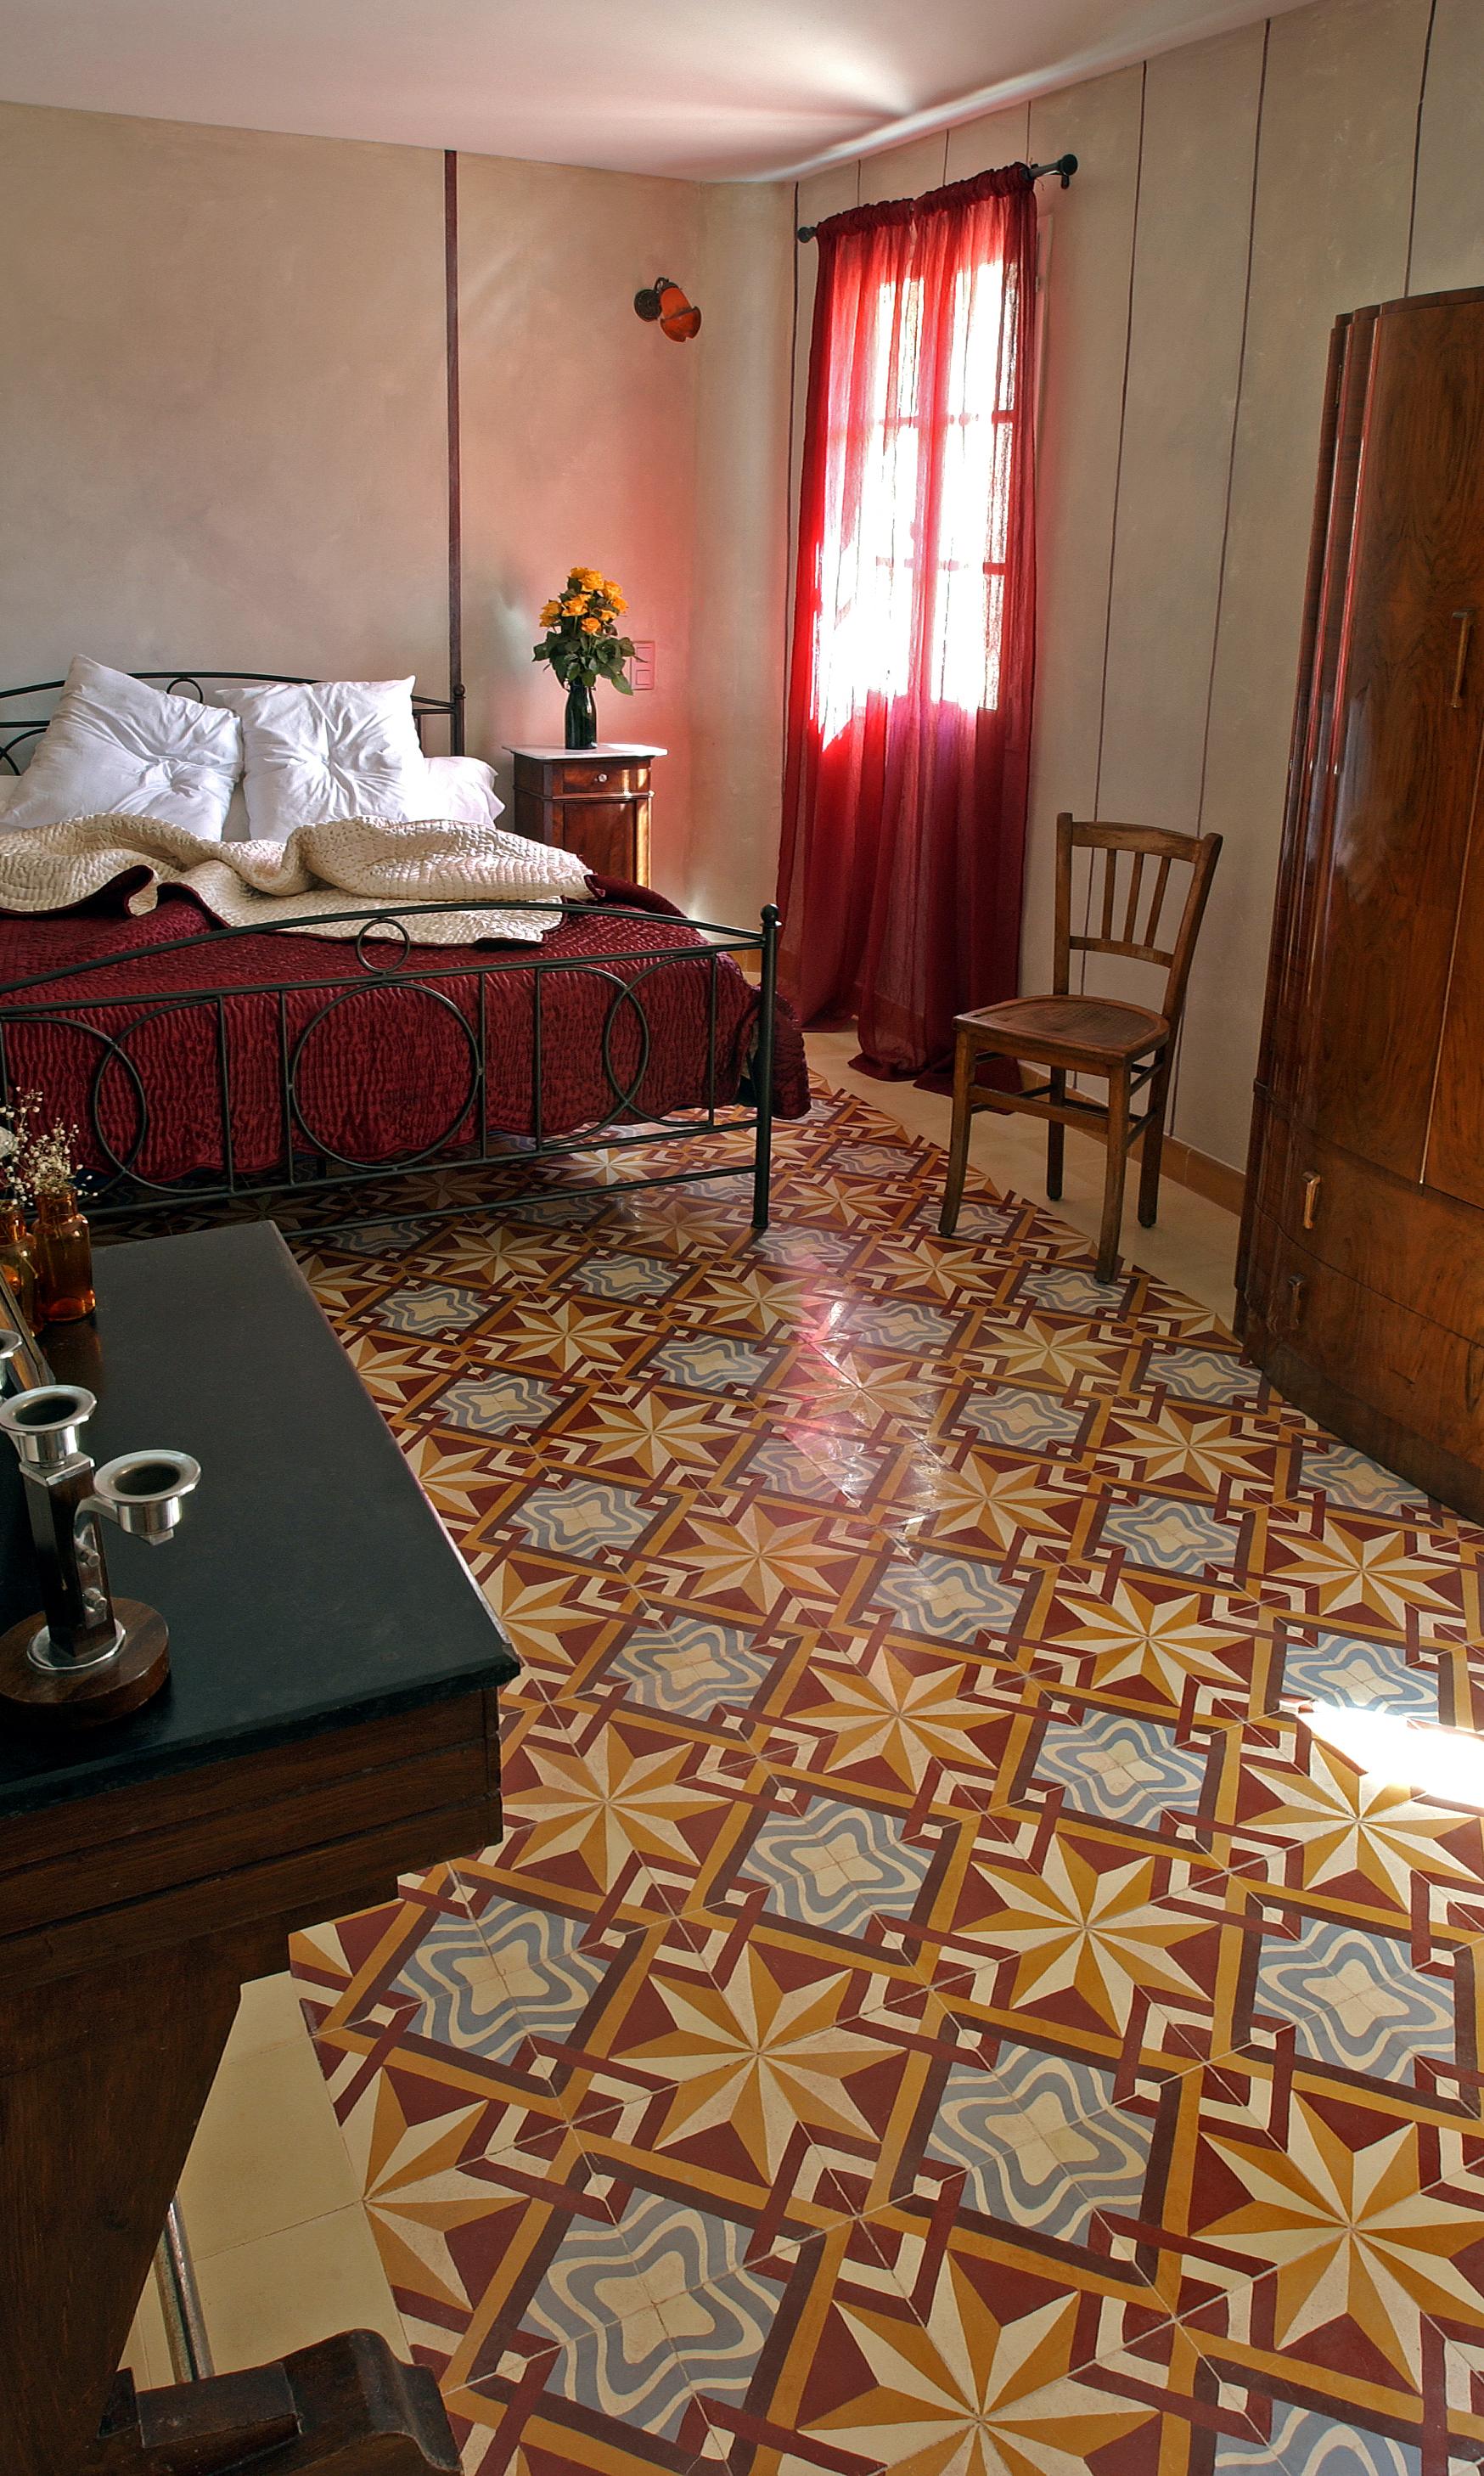 Zementfliesen im Schlafzimmer